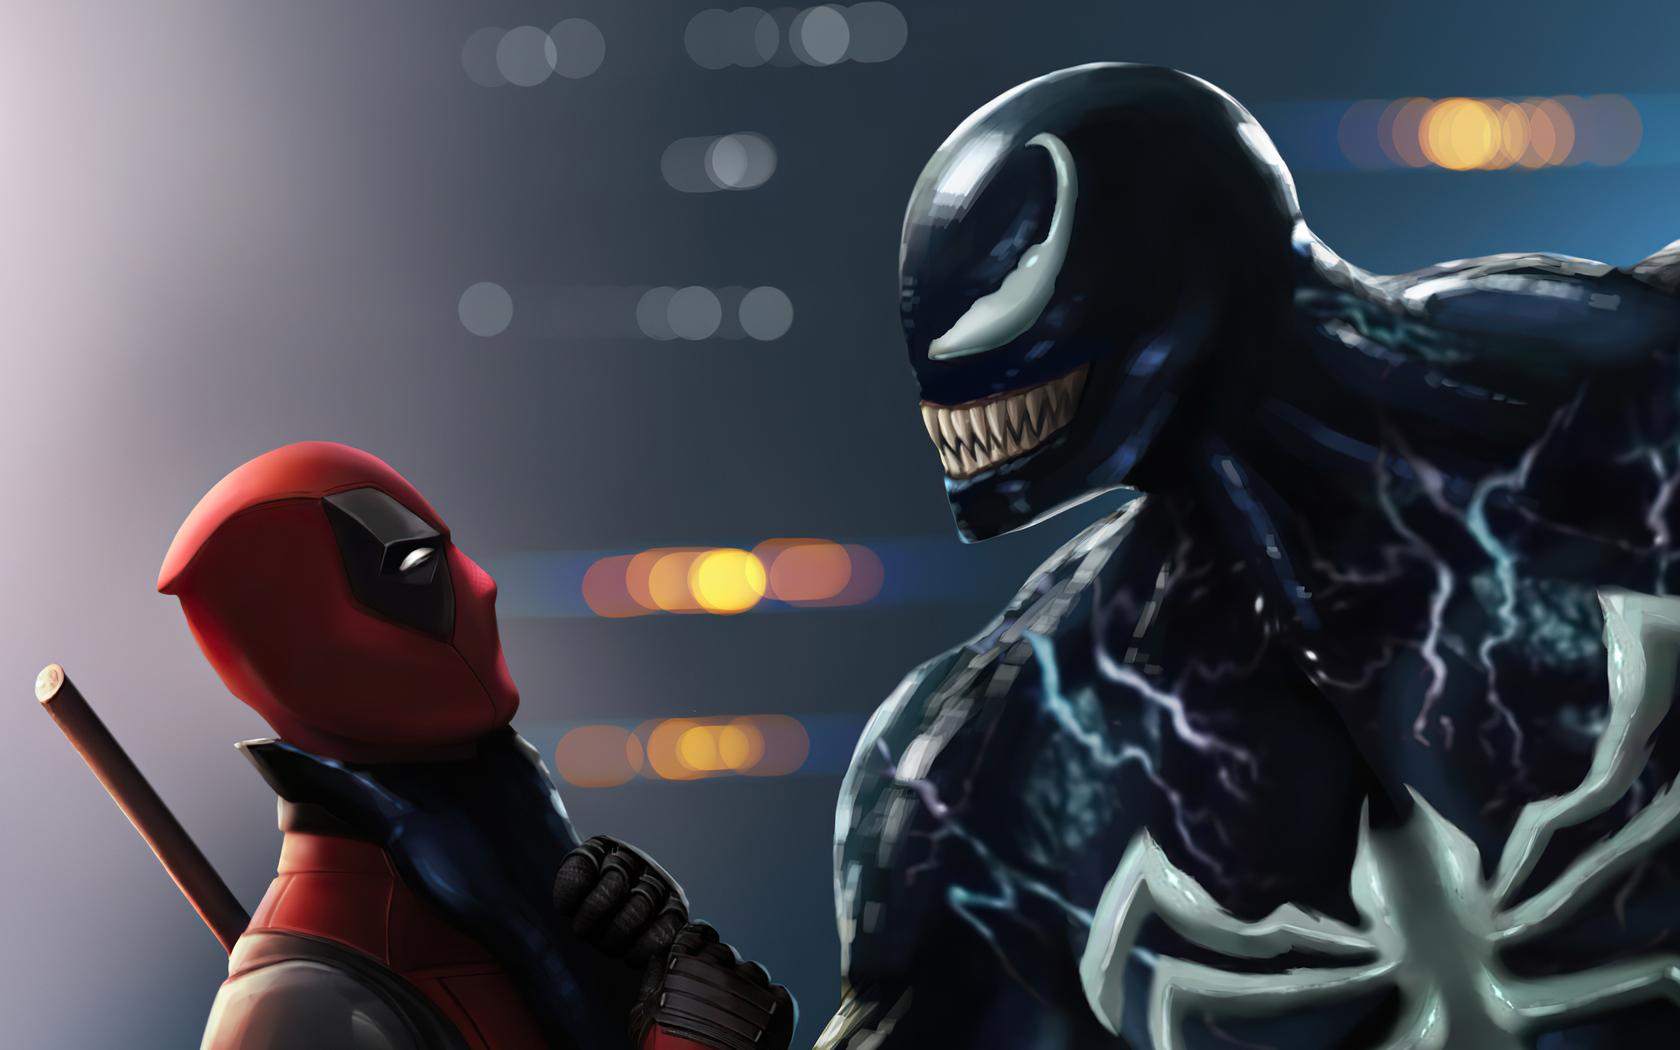 deadpool-venom-4k-28.jpg